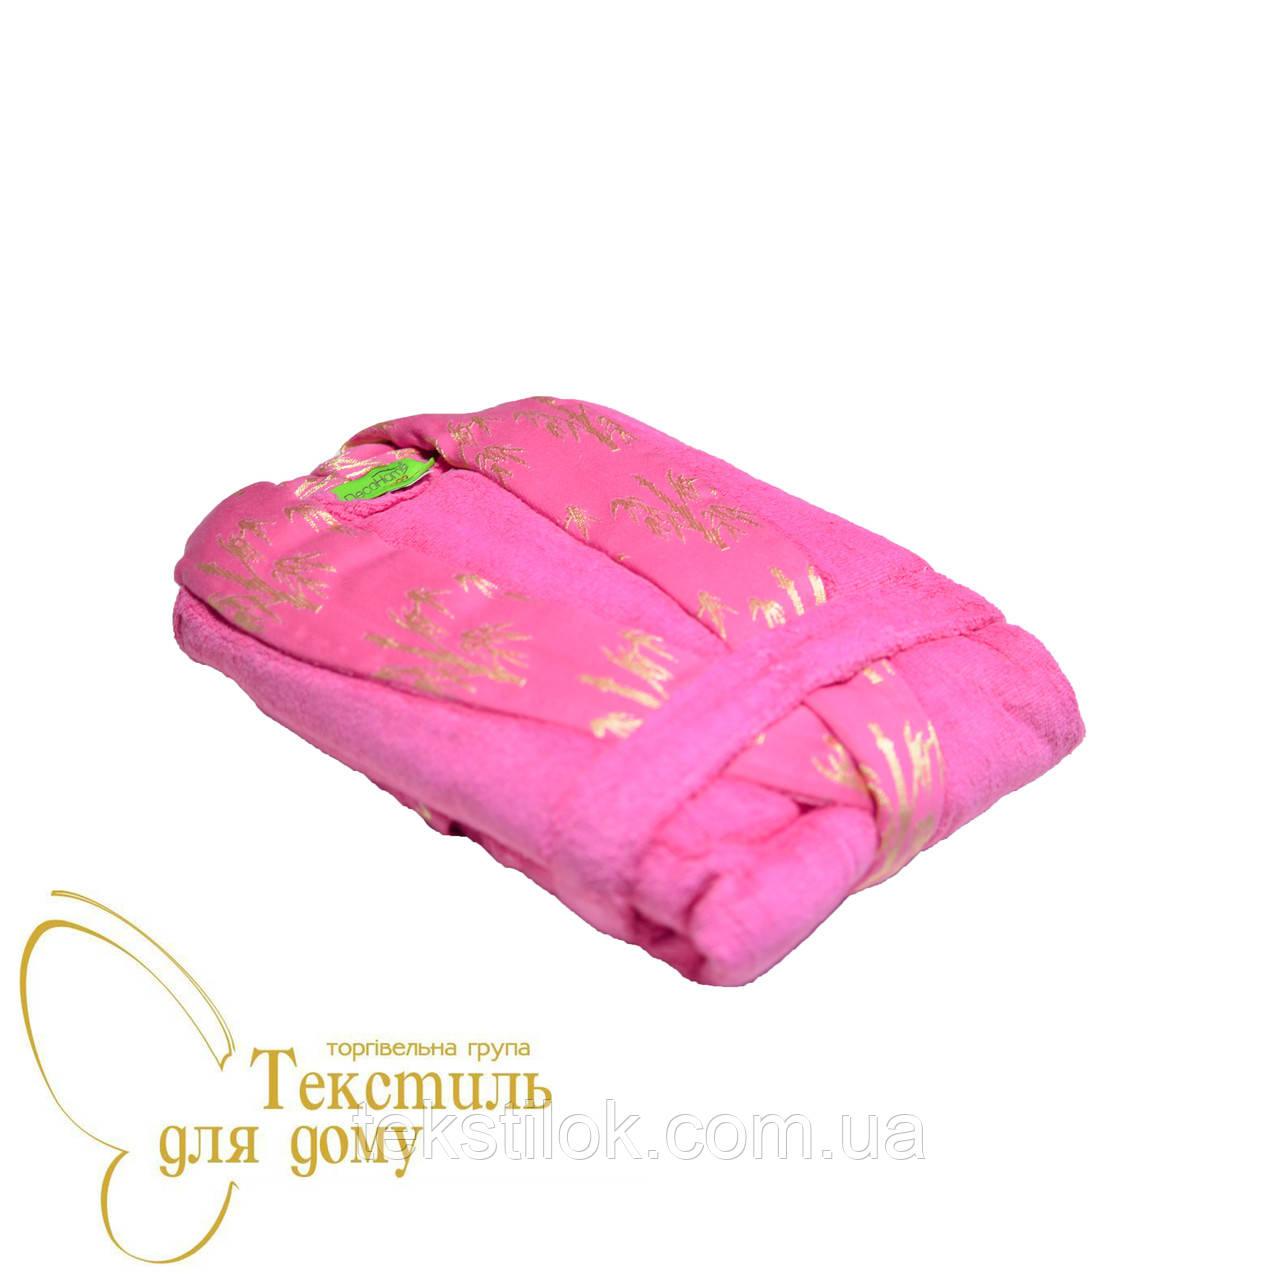 Халат Bamboo универсальный бамбук, розовый